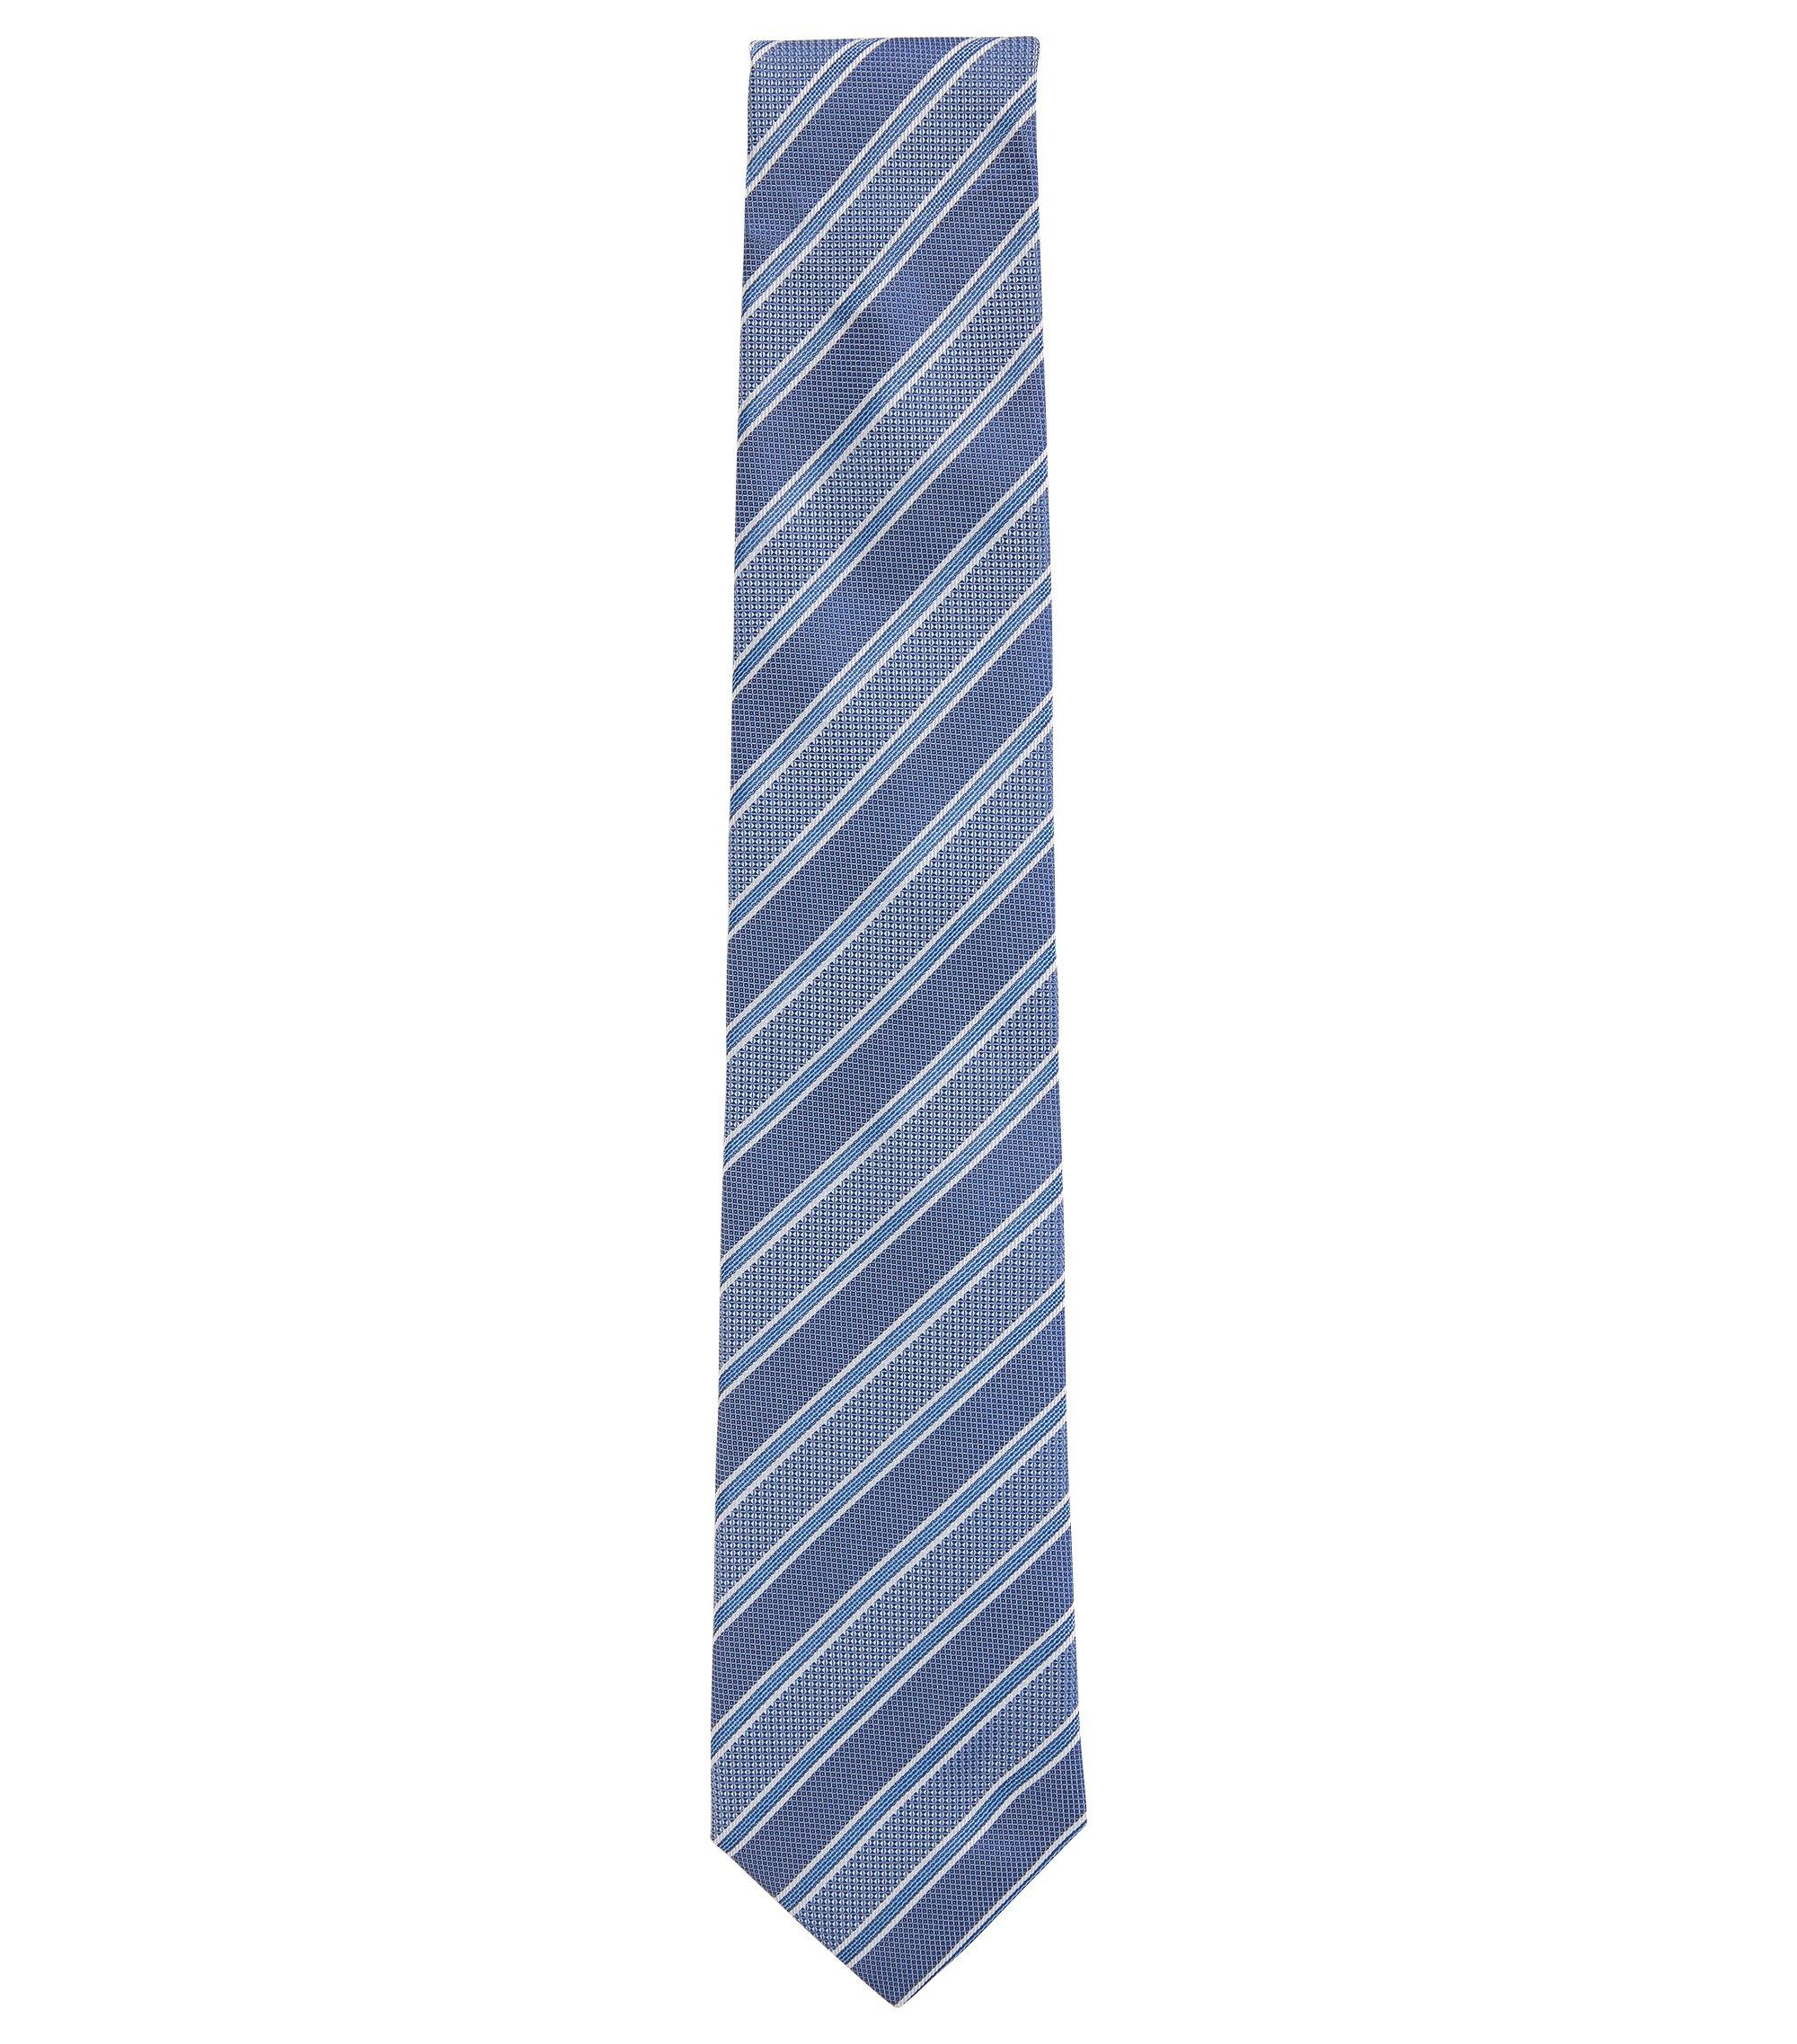 Krawatte aus italienischem Seiden-Jacquard mit diagonalen Streifen, Blau